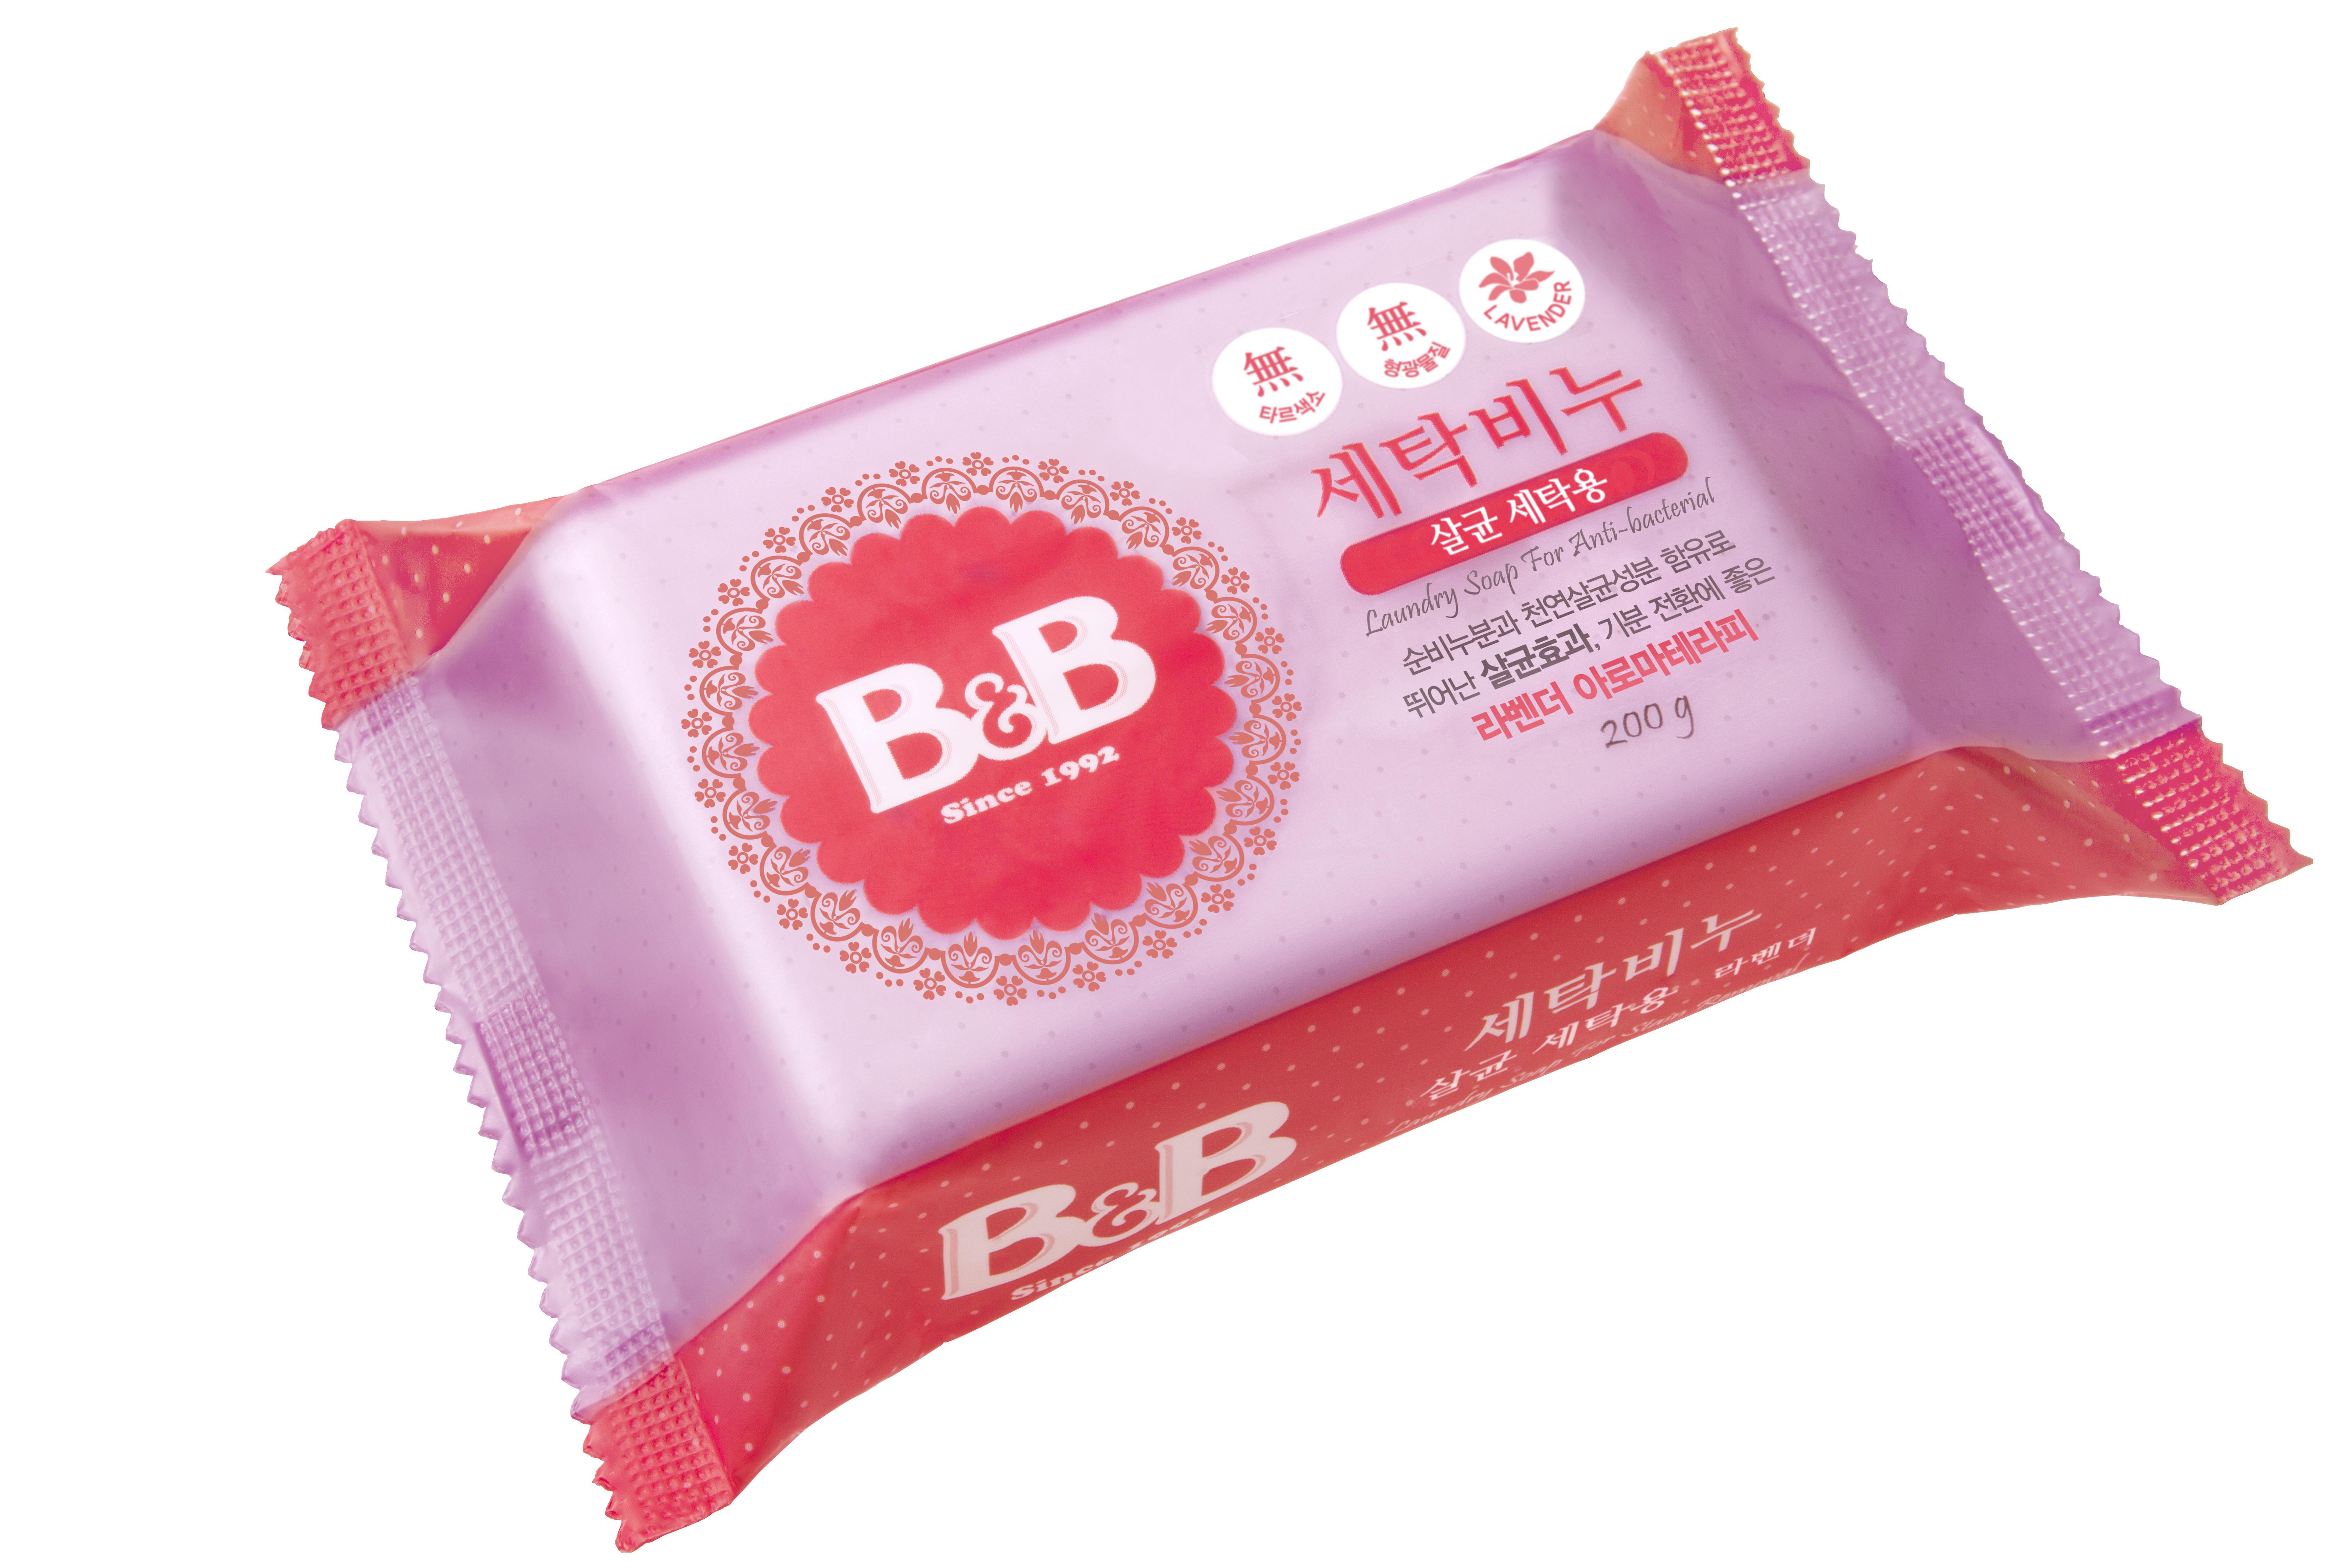 B&B Anti Bacterial Laundry Soap